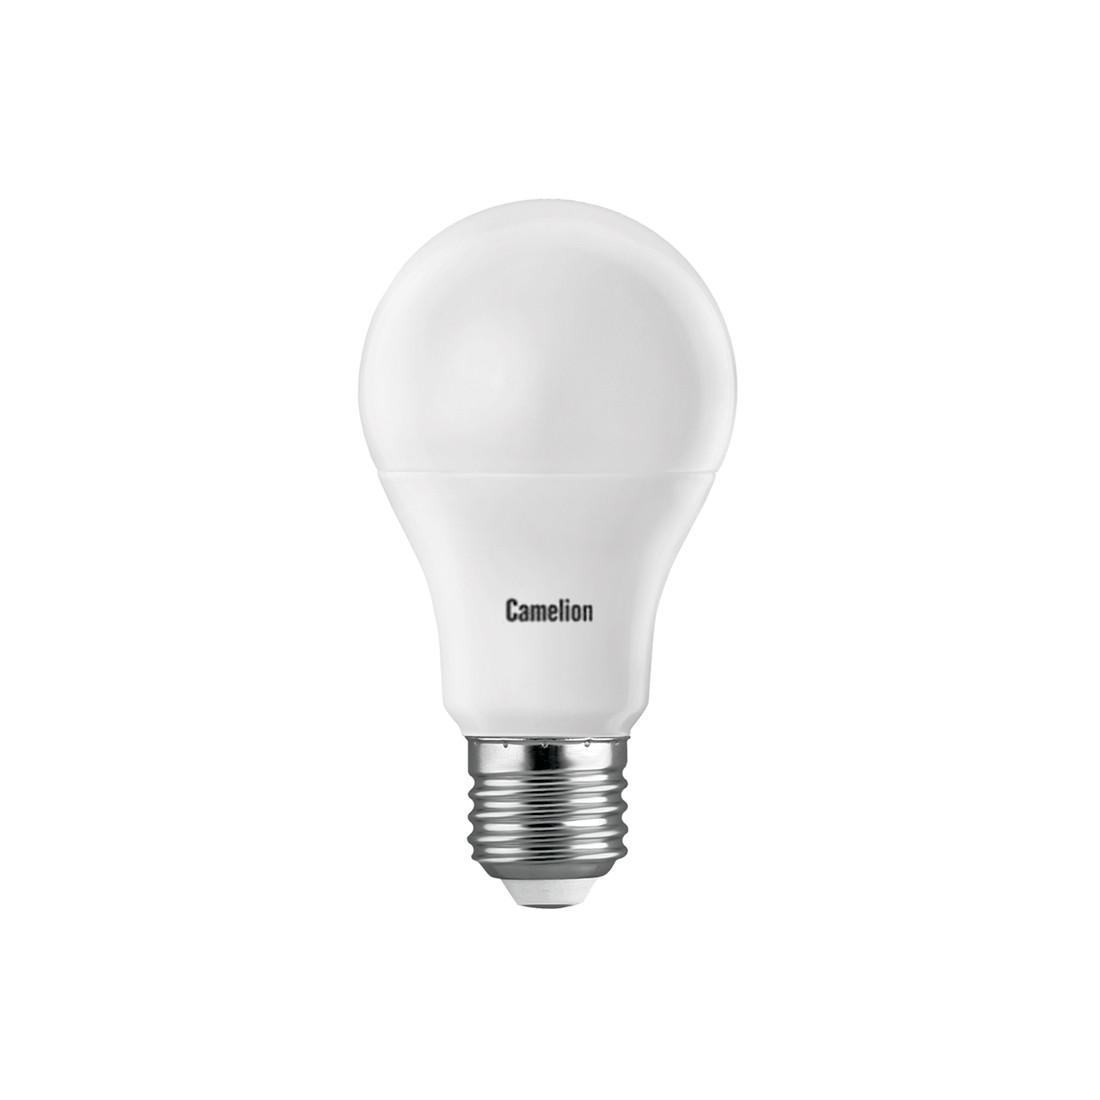 Эл. лампа светодиодная Camelion А60/6500К/E27/13Вт, Дневной